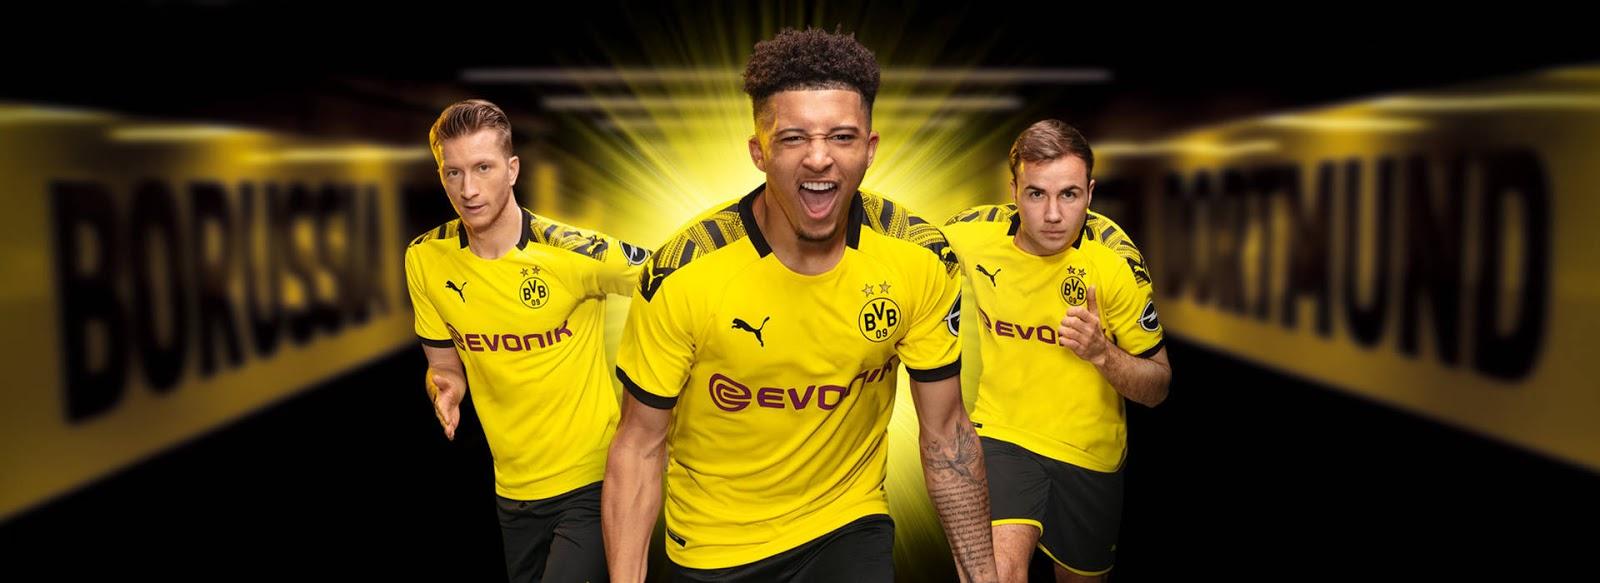 Dortmund hjemme trøje 19/20